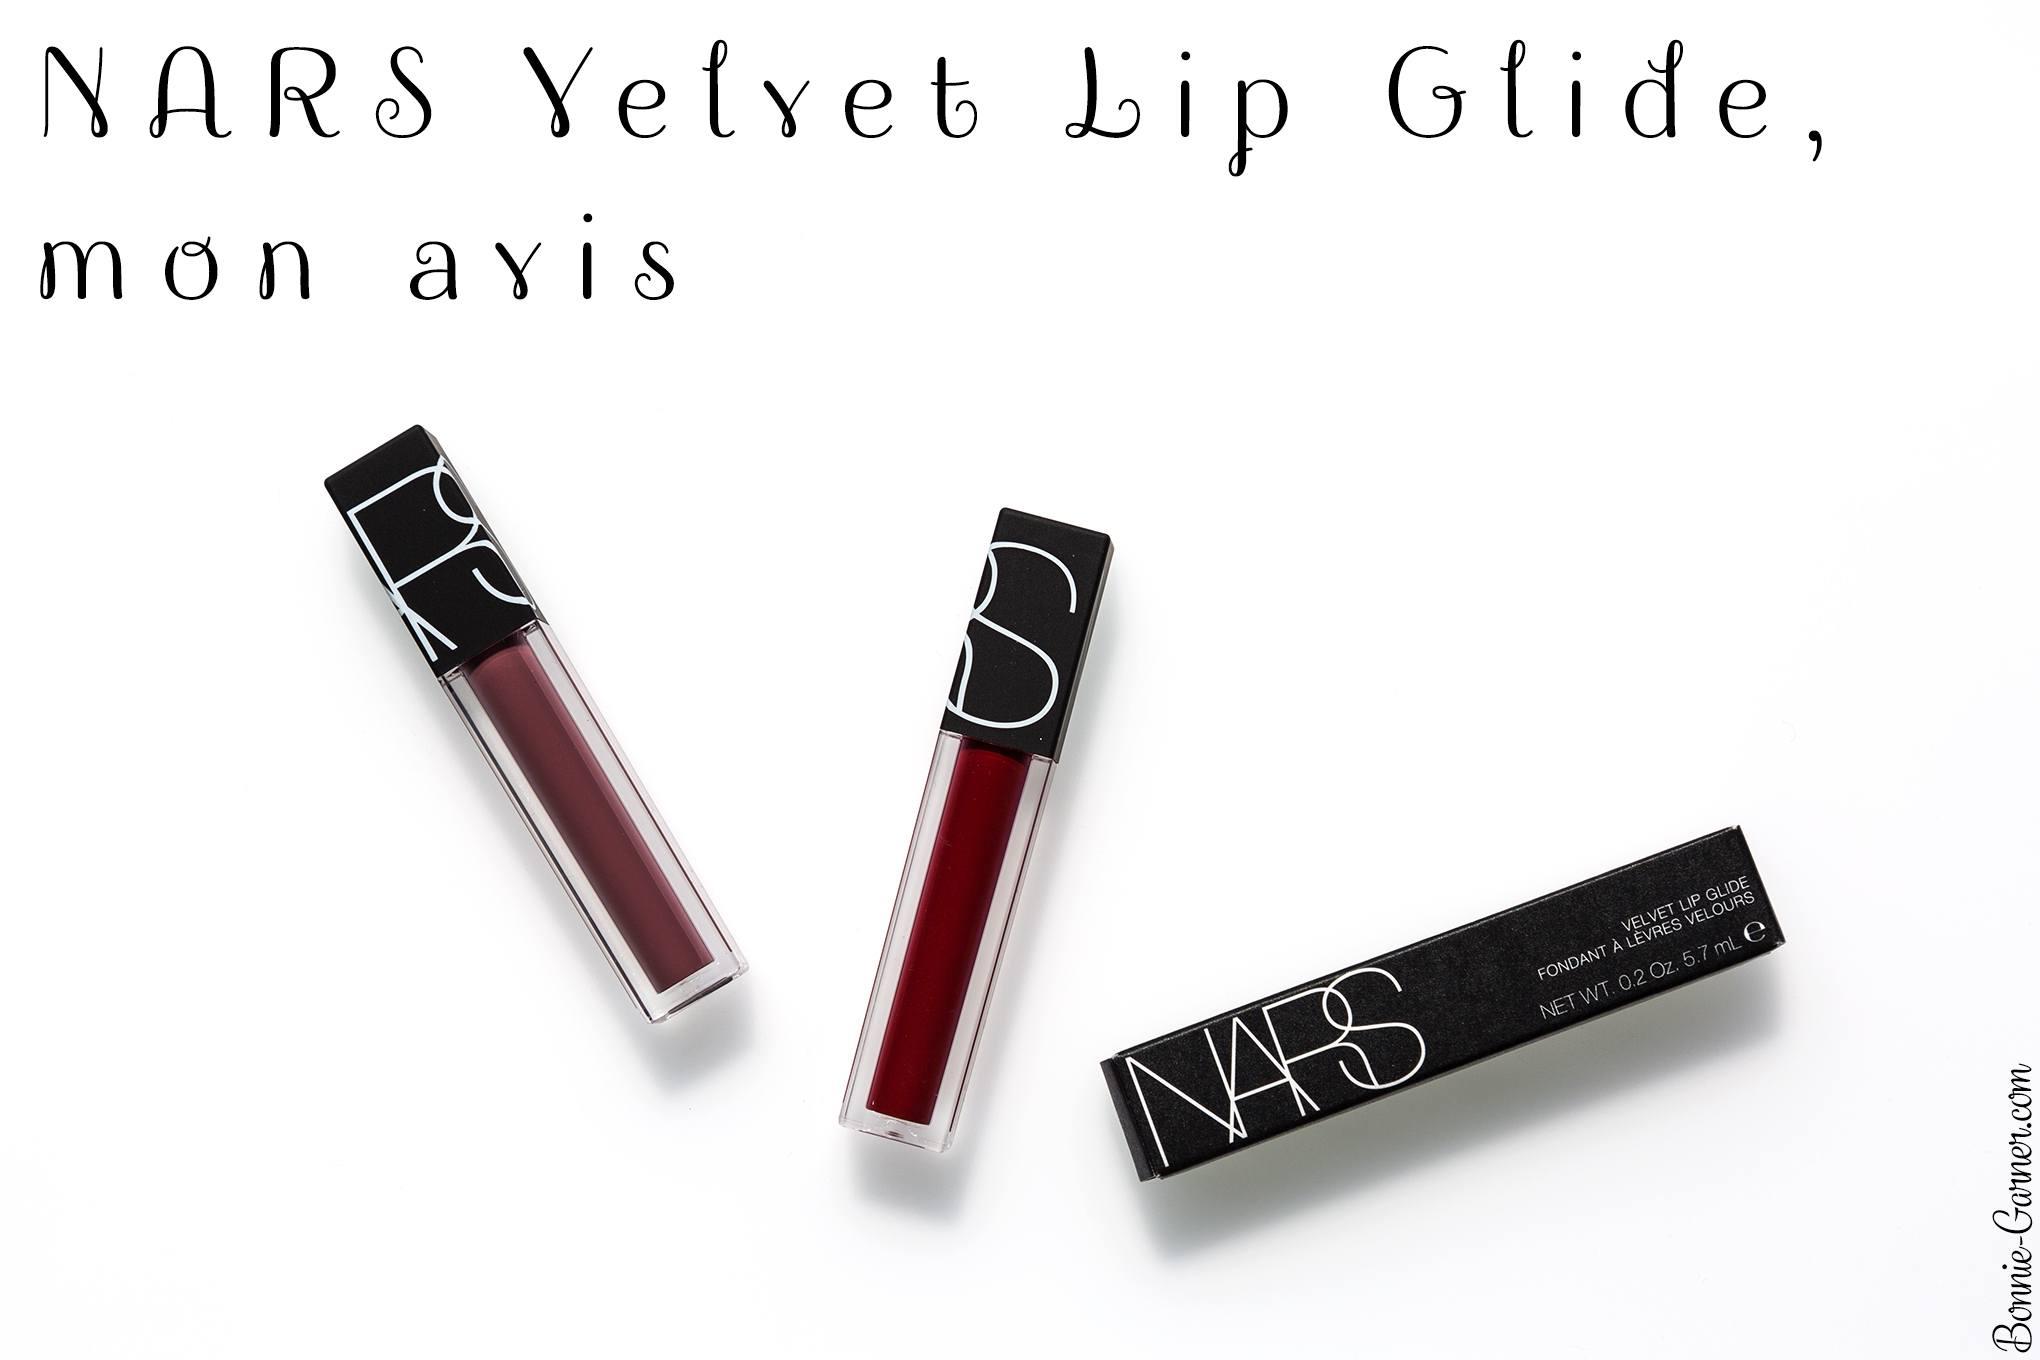 NARS Velvet Lip Glide, mon avis